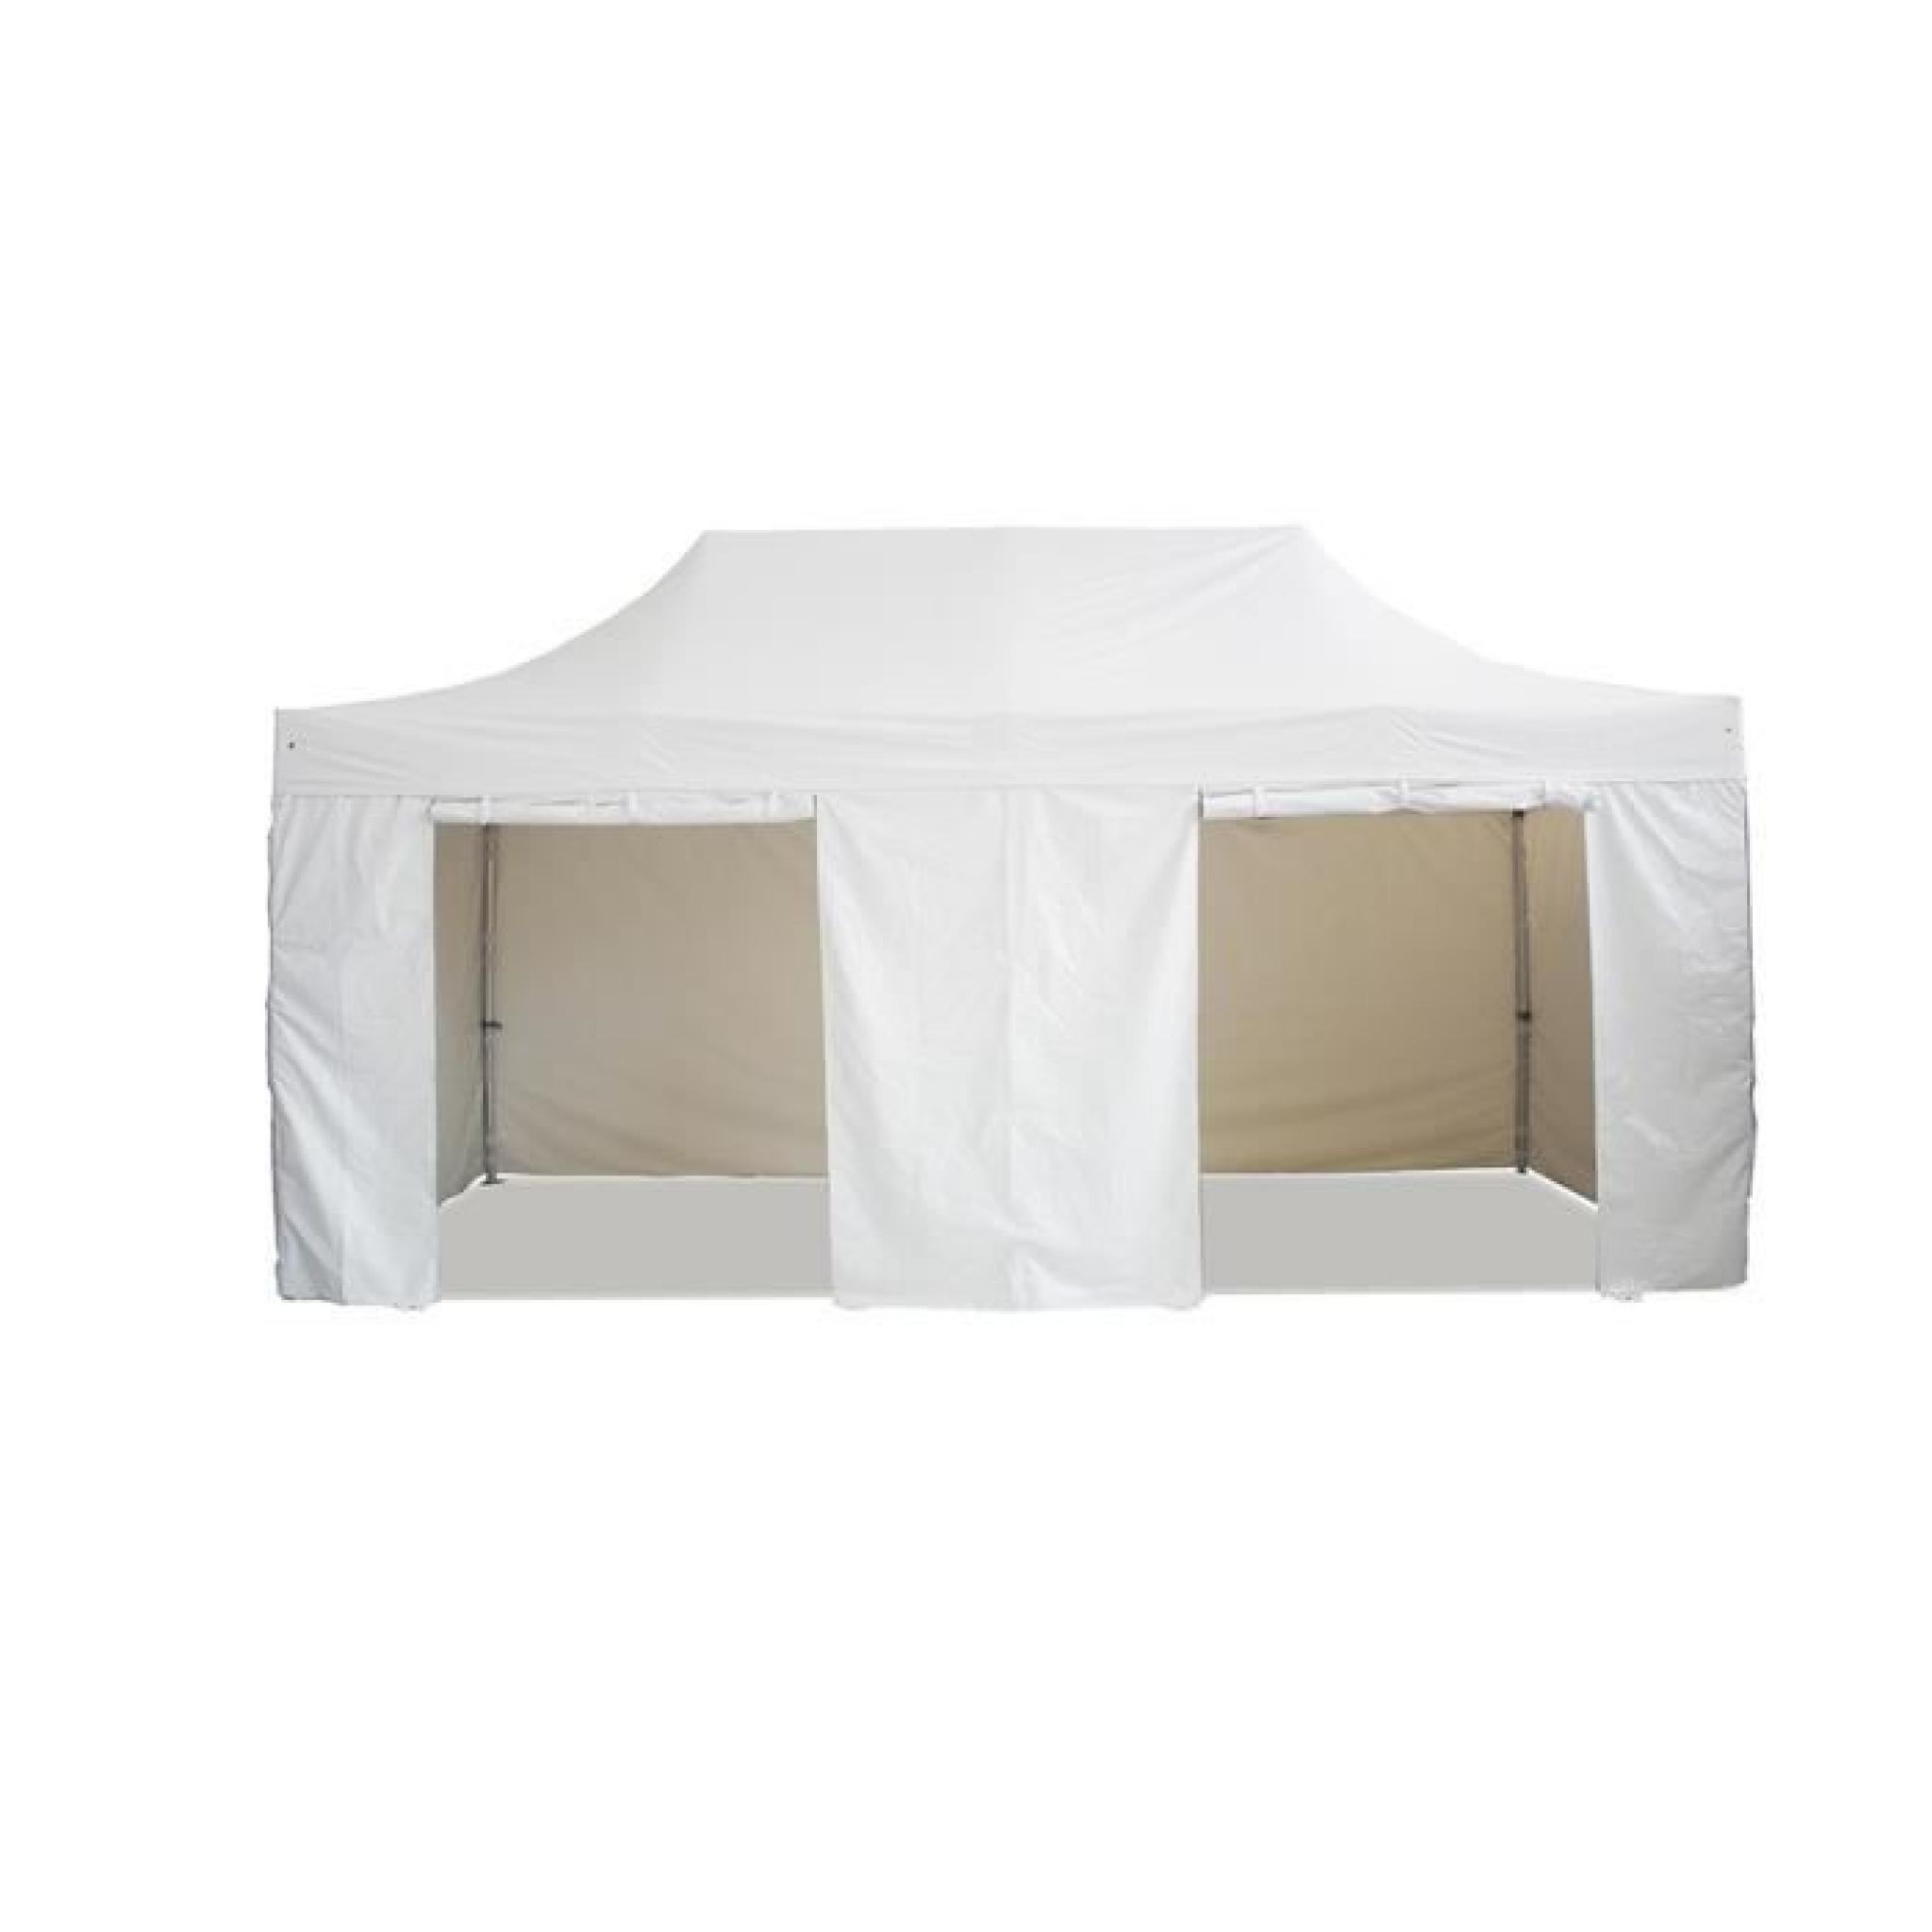 Interouge Barnum Chapiteau Tonnelle Tente Pliante Médium Acier 32Mm 3X6M  Totalement Imperméable Bleu Azur avec Tente De Jardin Pliante